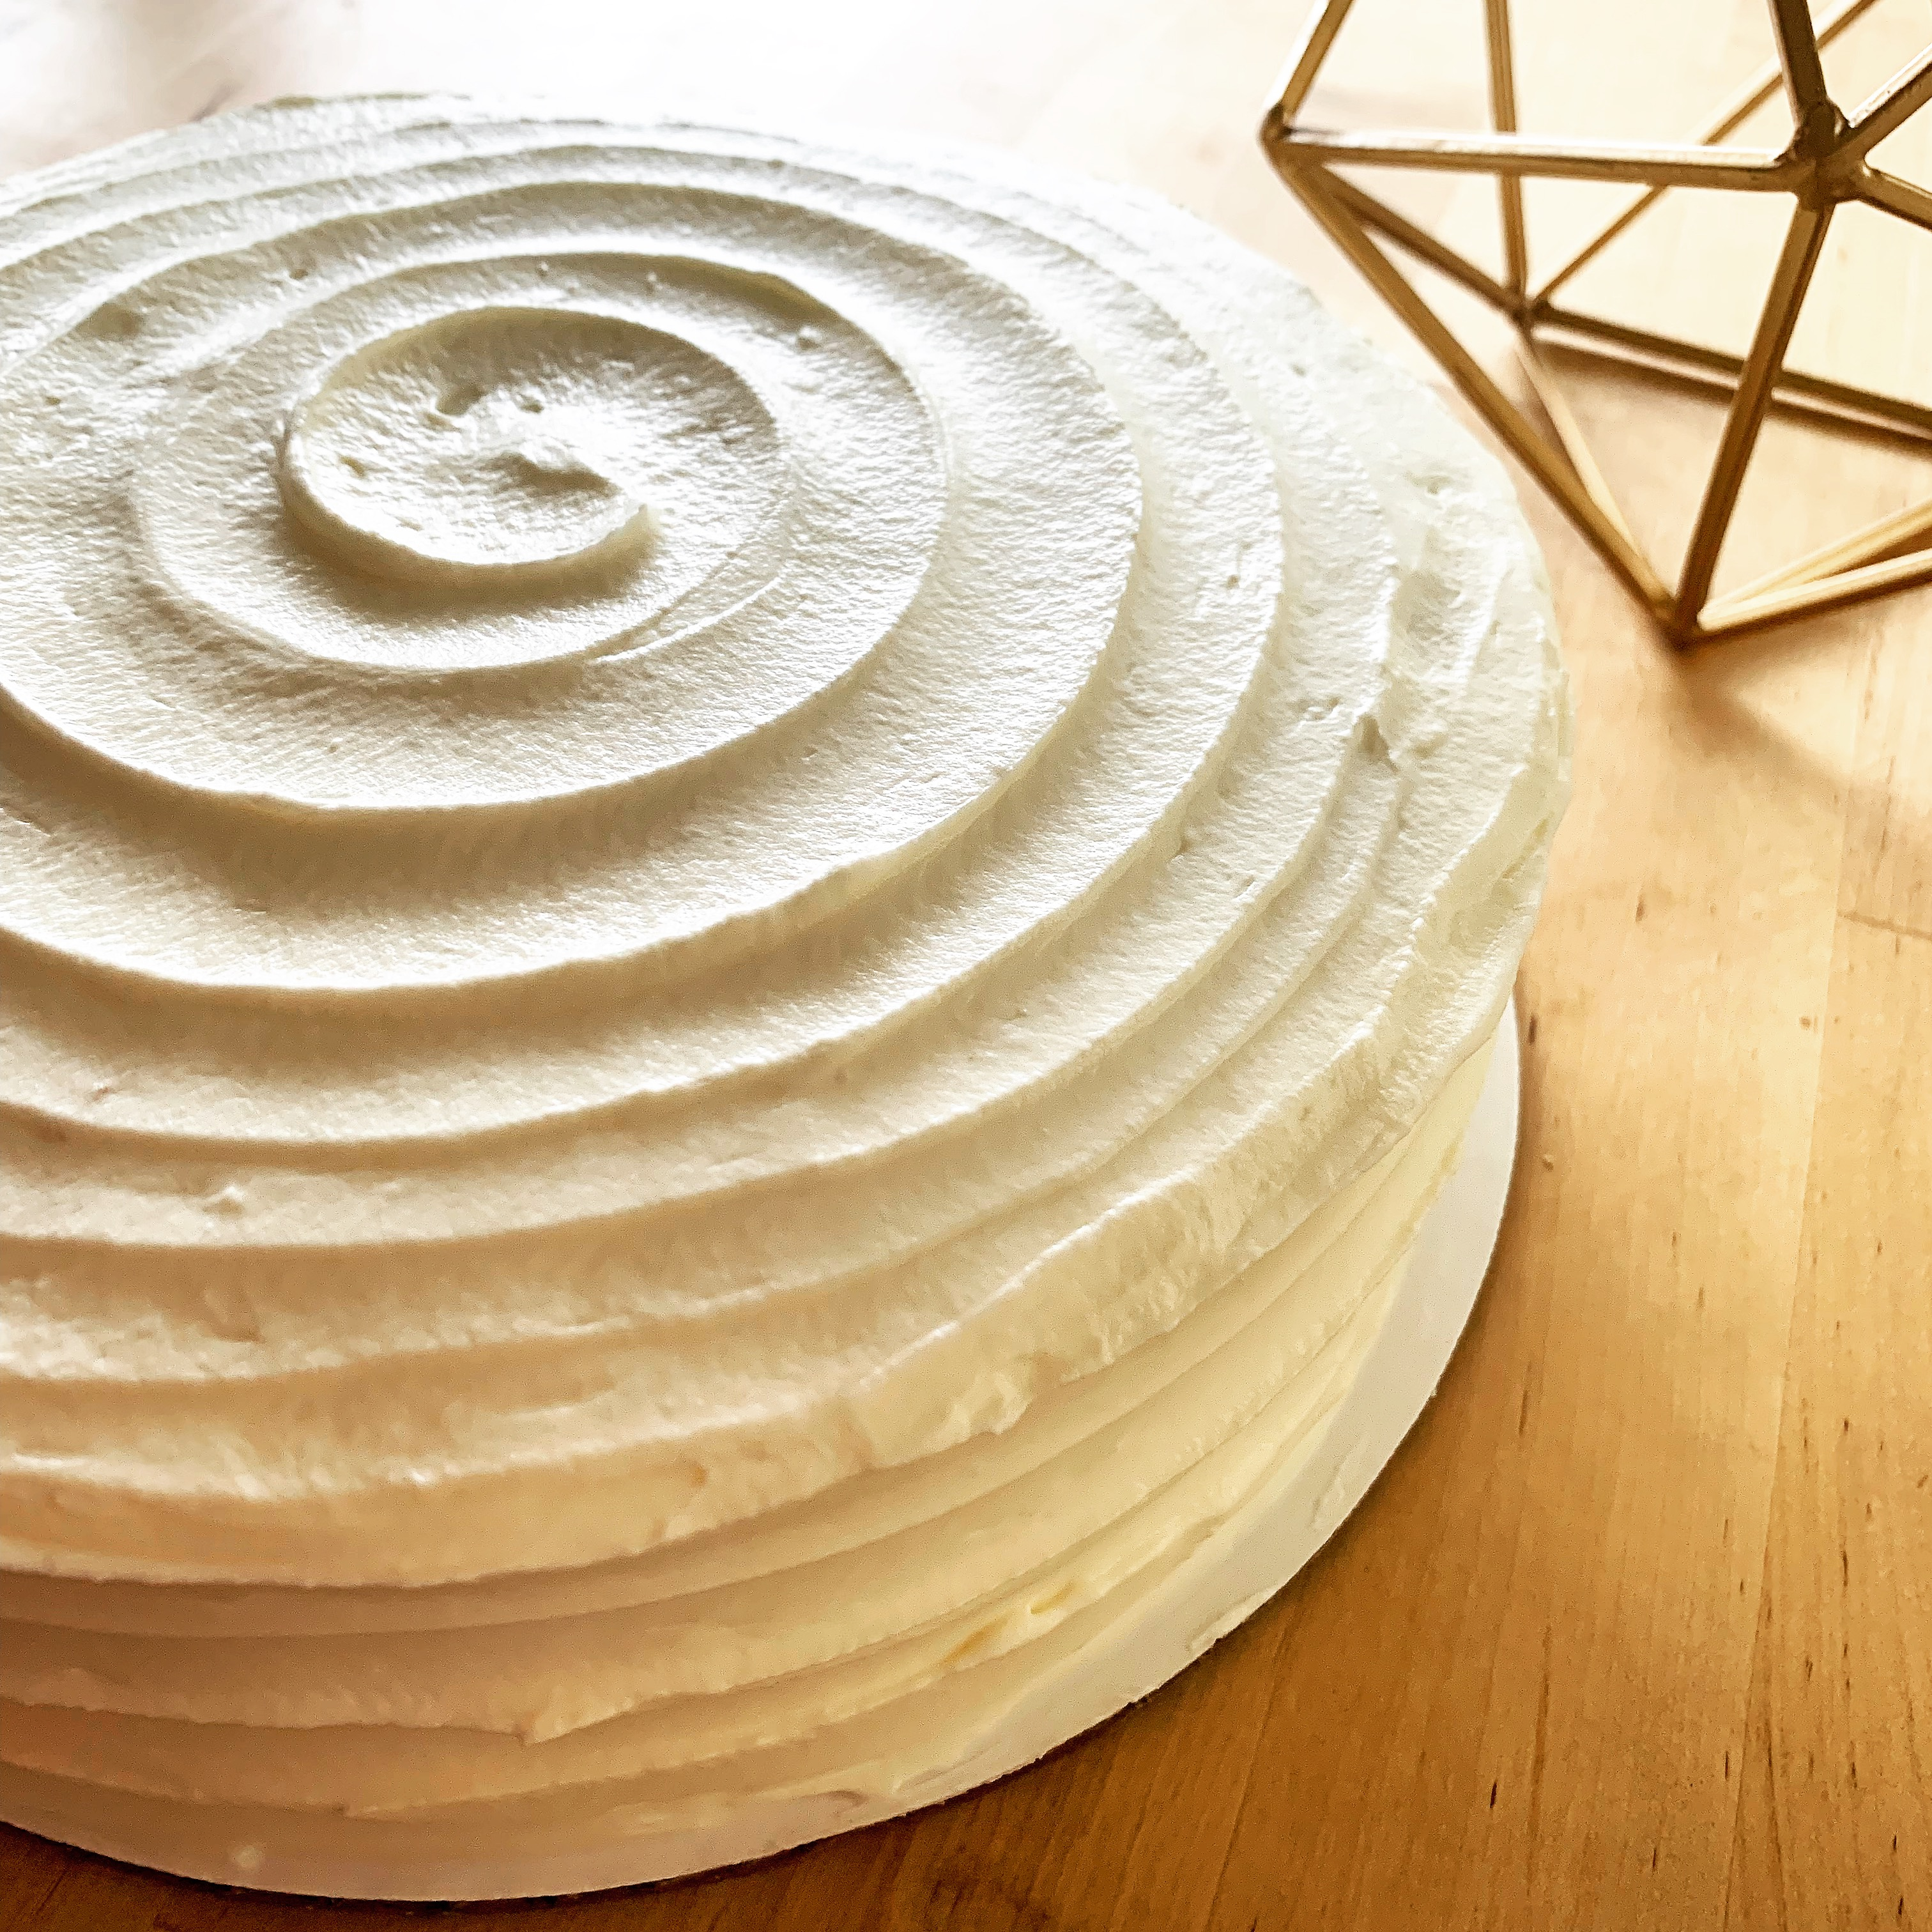 White Tres Leches Cake